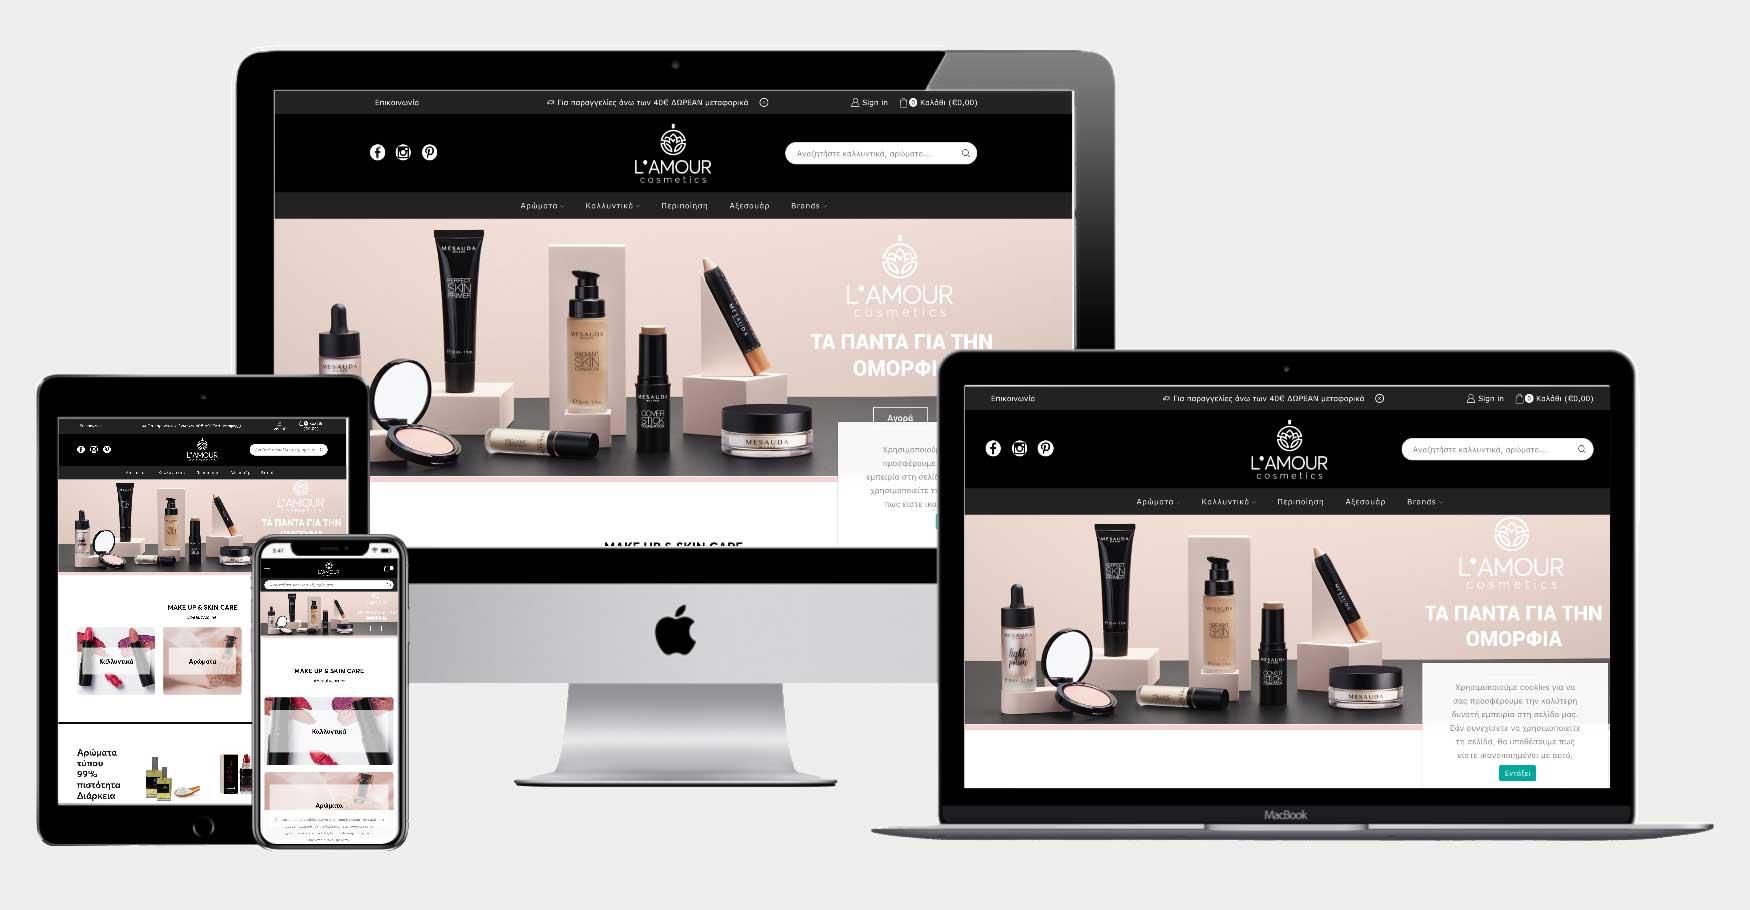 www.lamourcosmetics.gr/